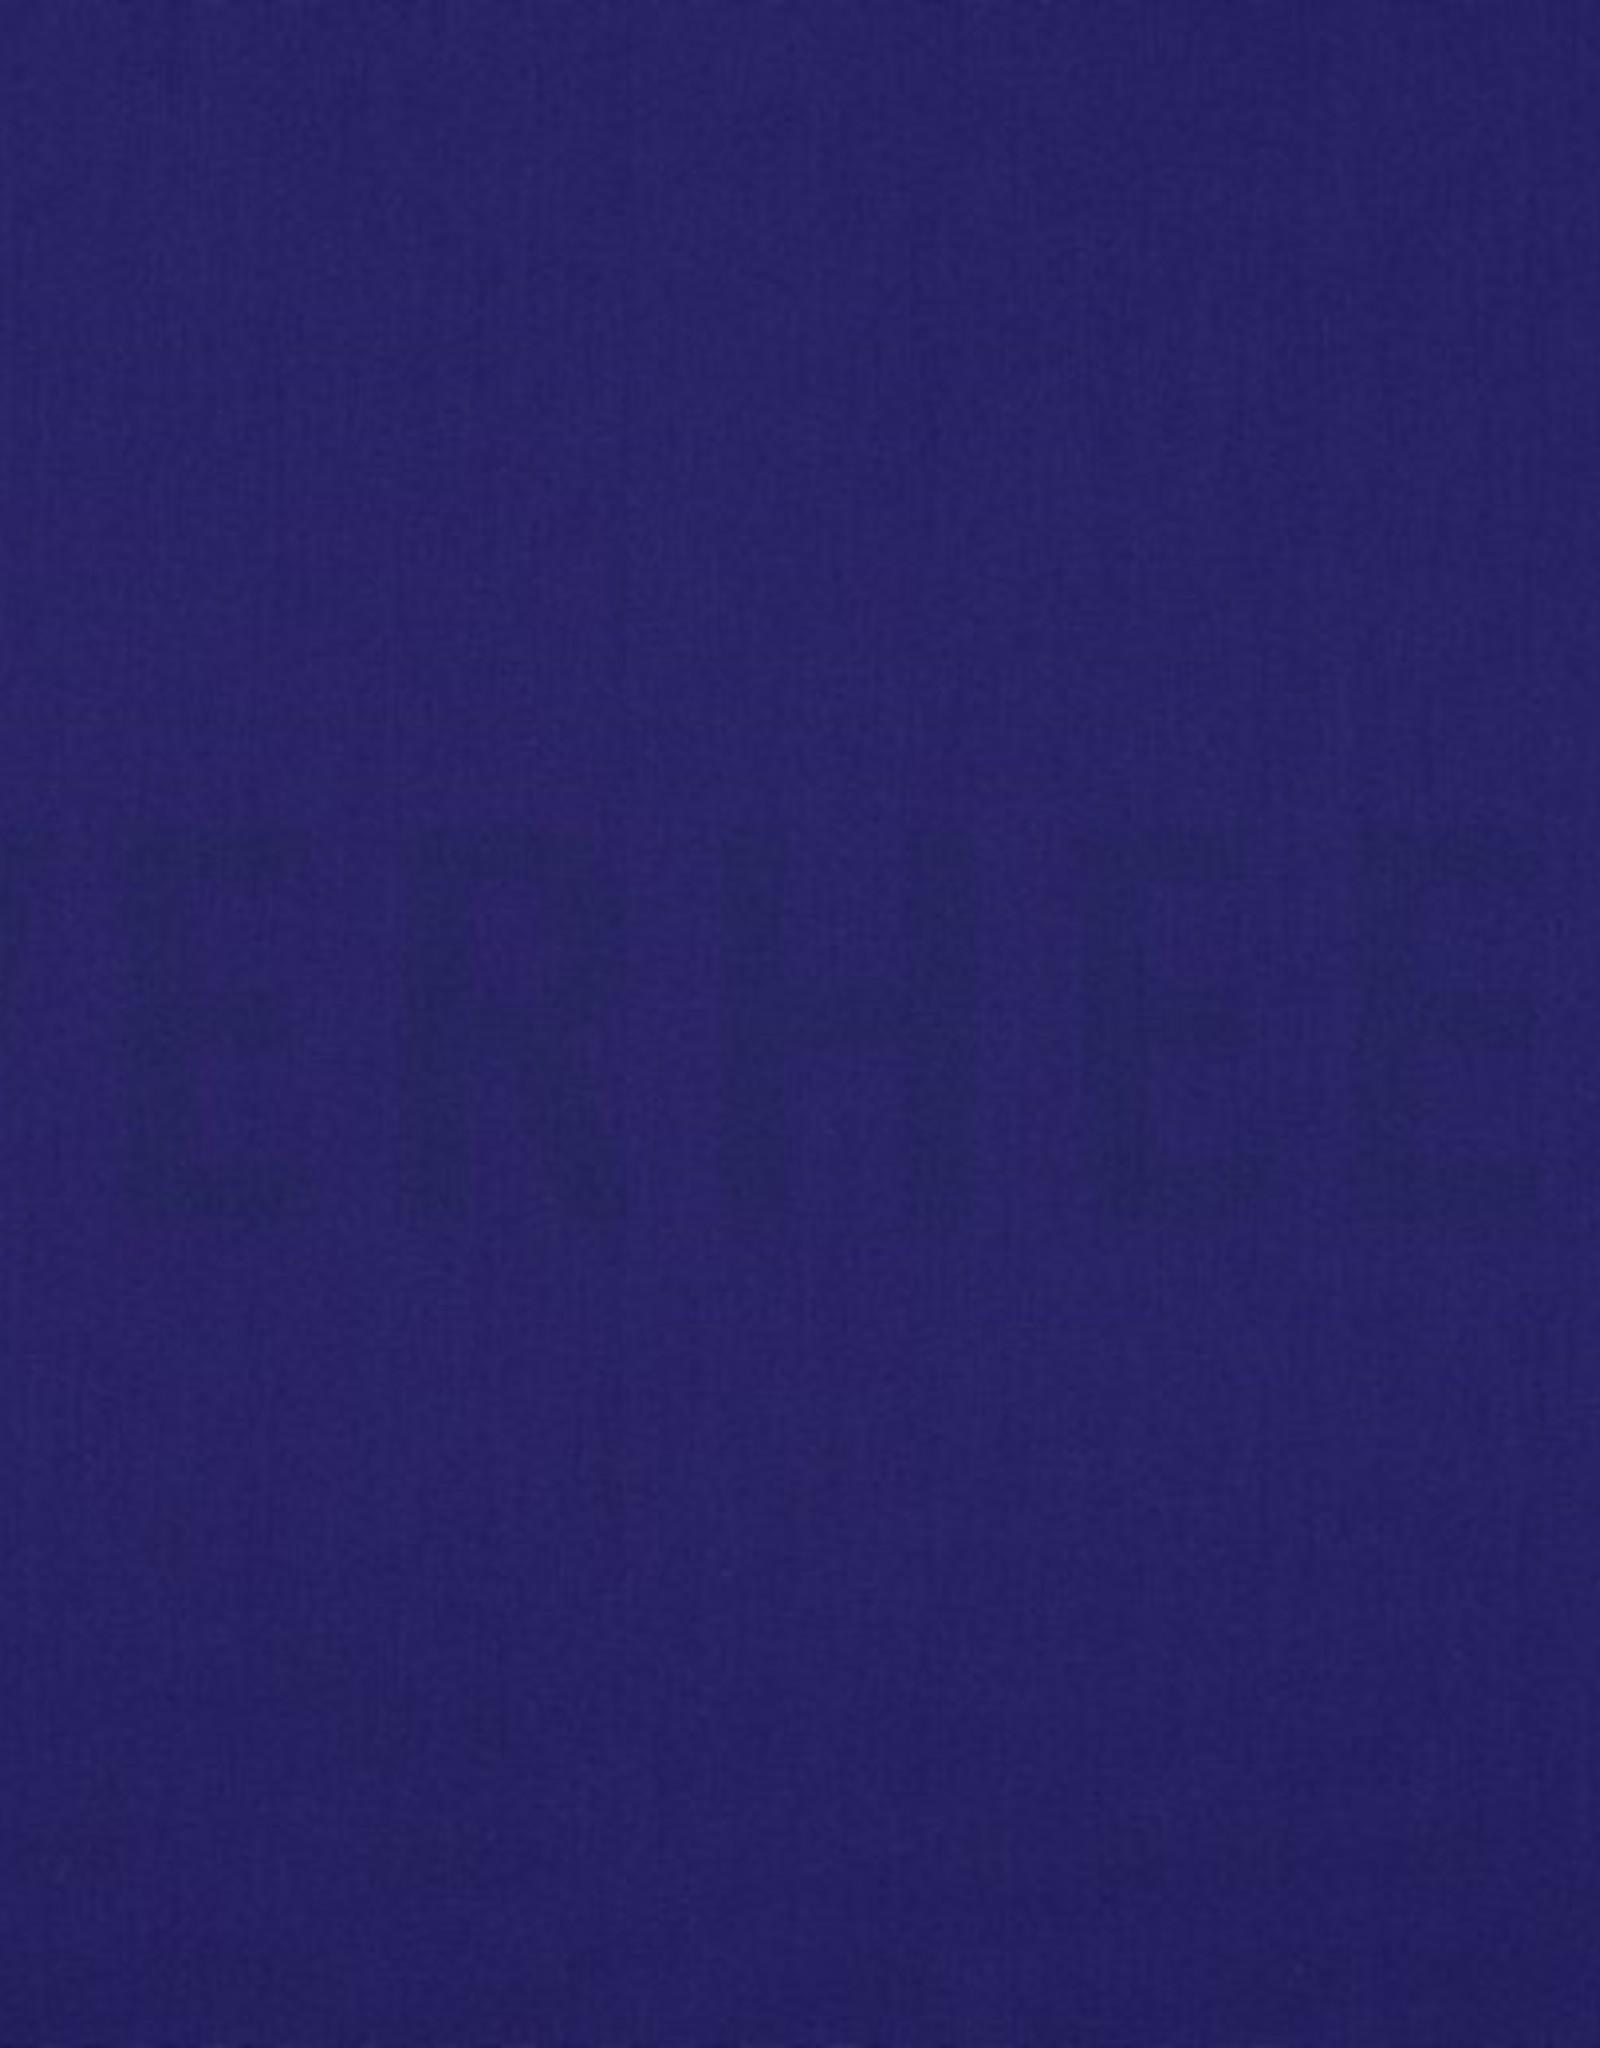 Uni katoen paarsblauw